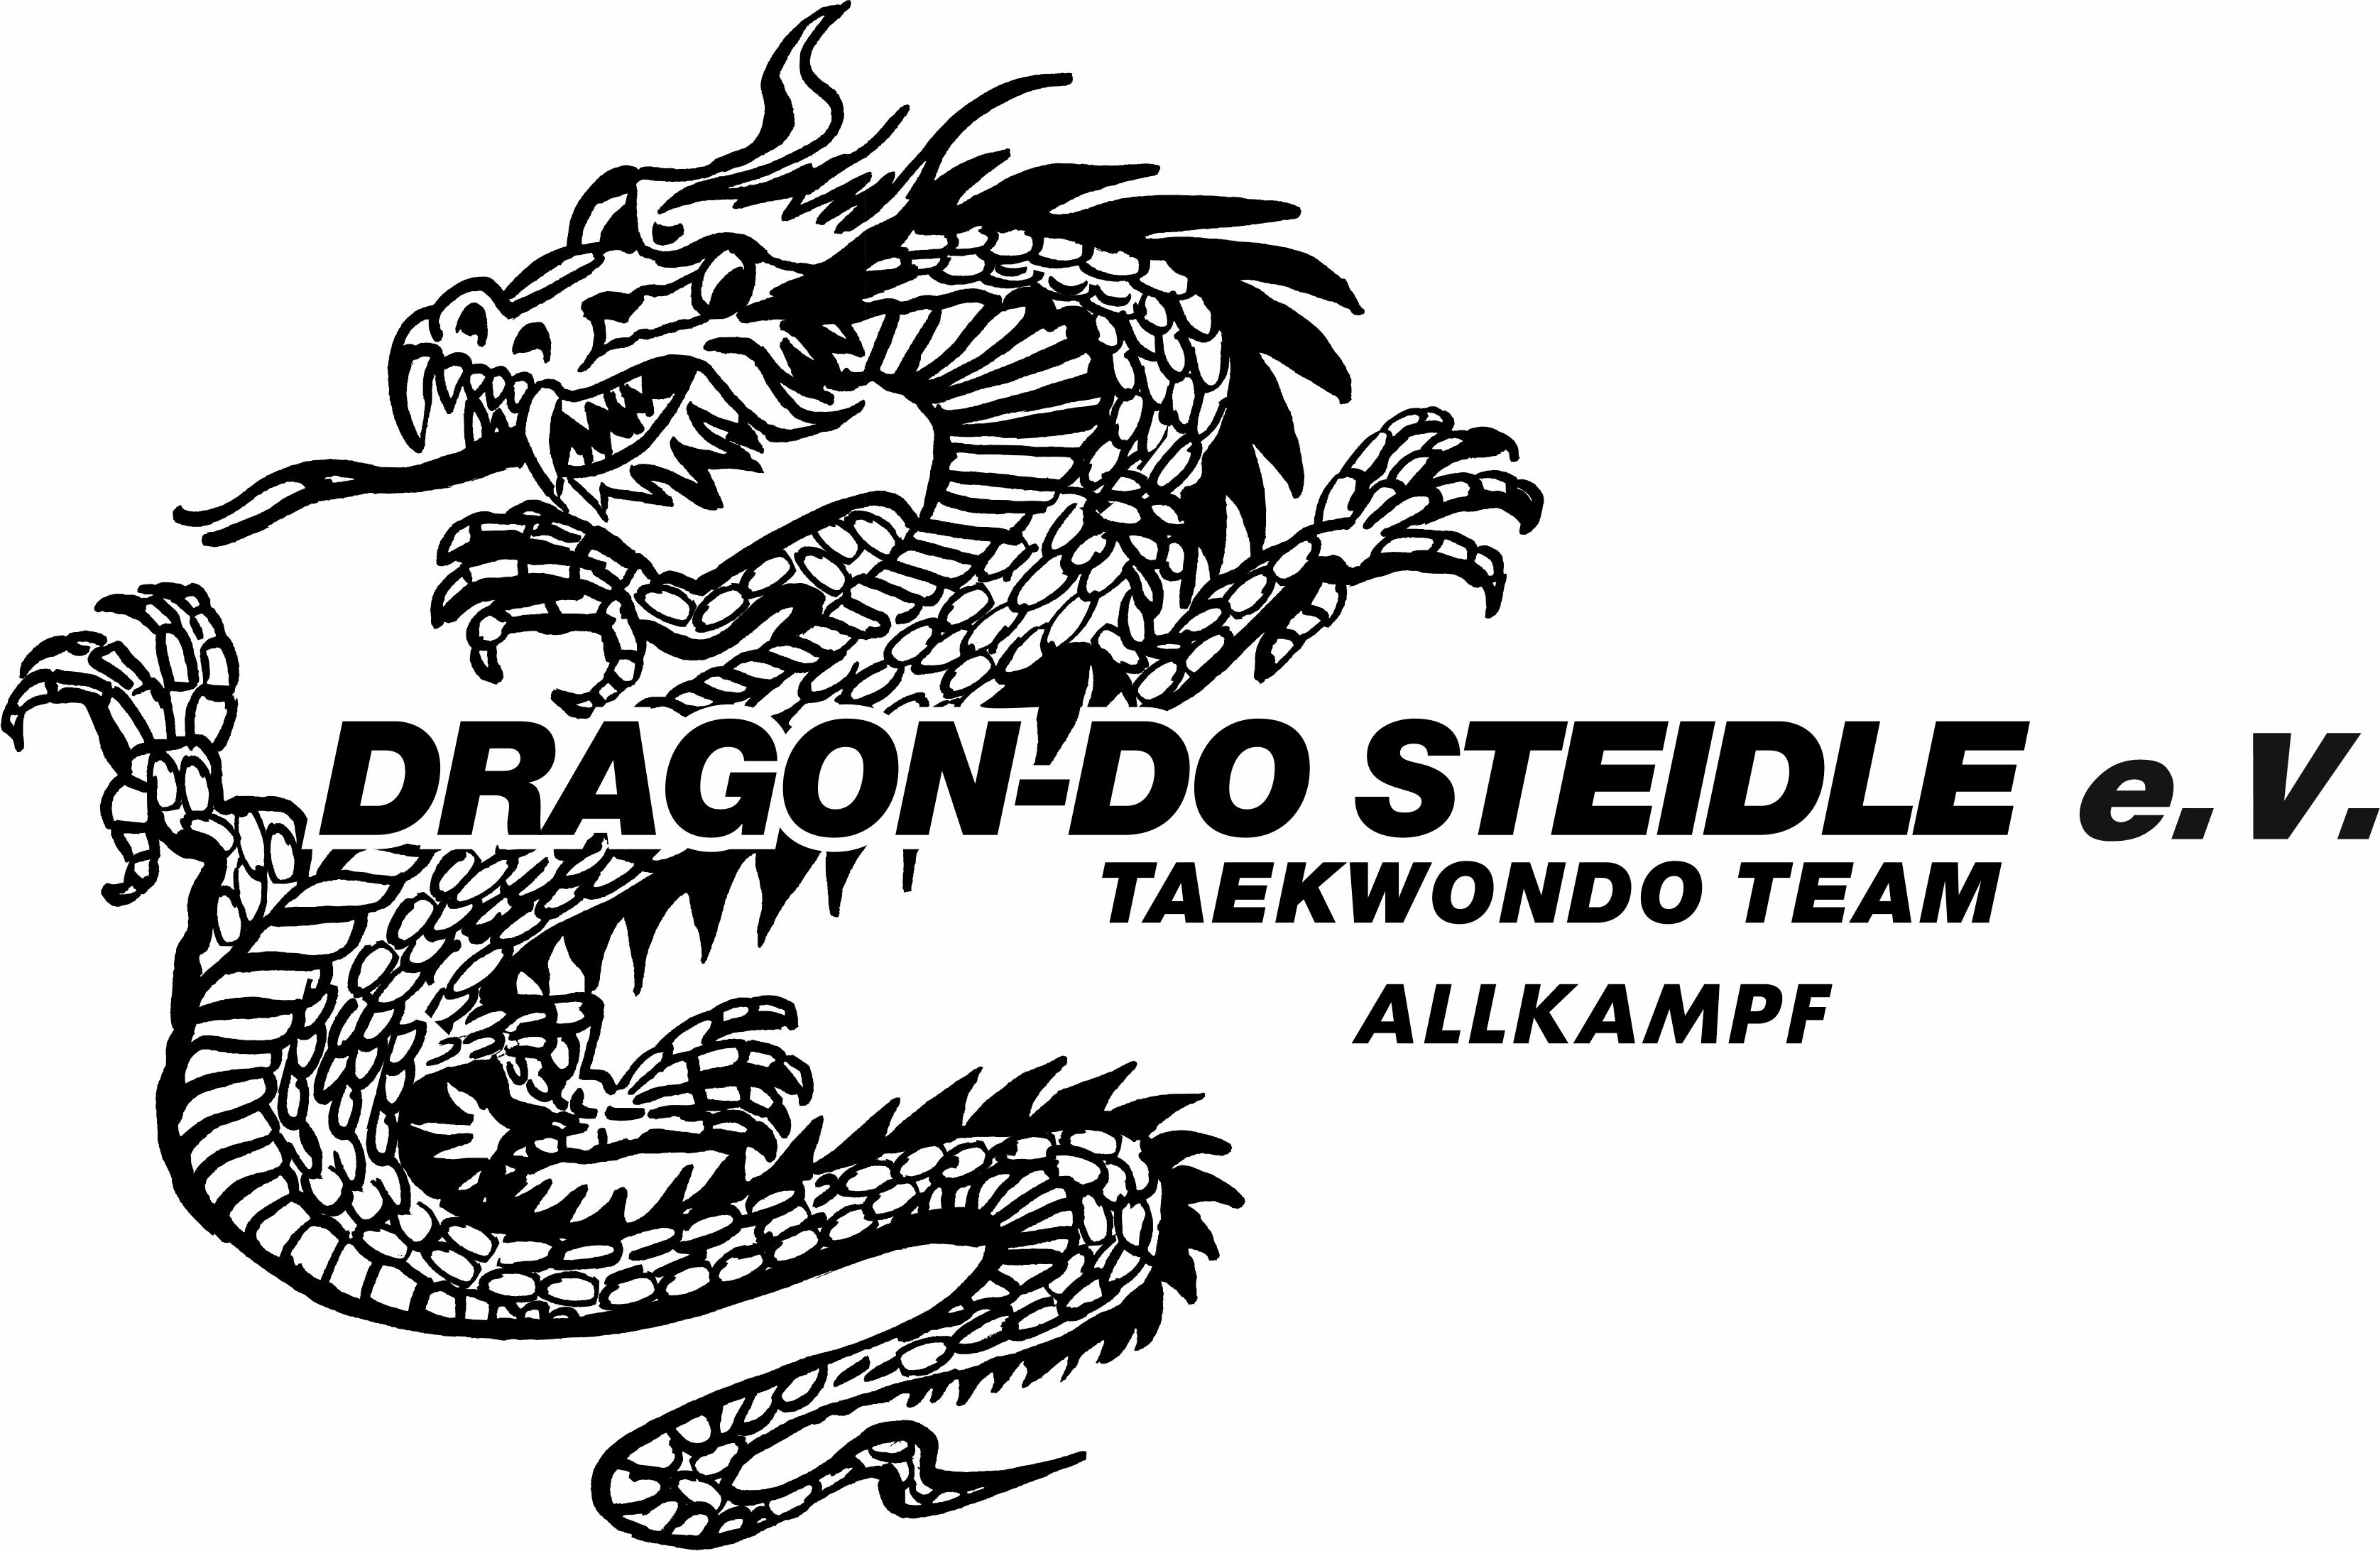 Dragon-Do Steidle e. V.